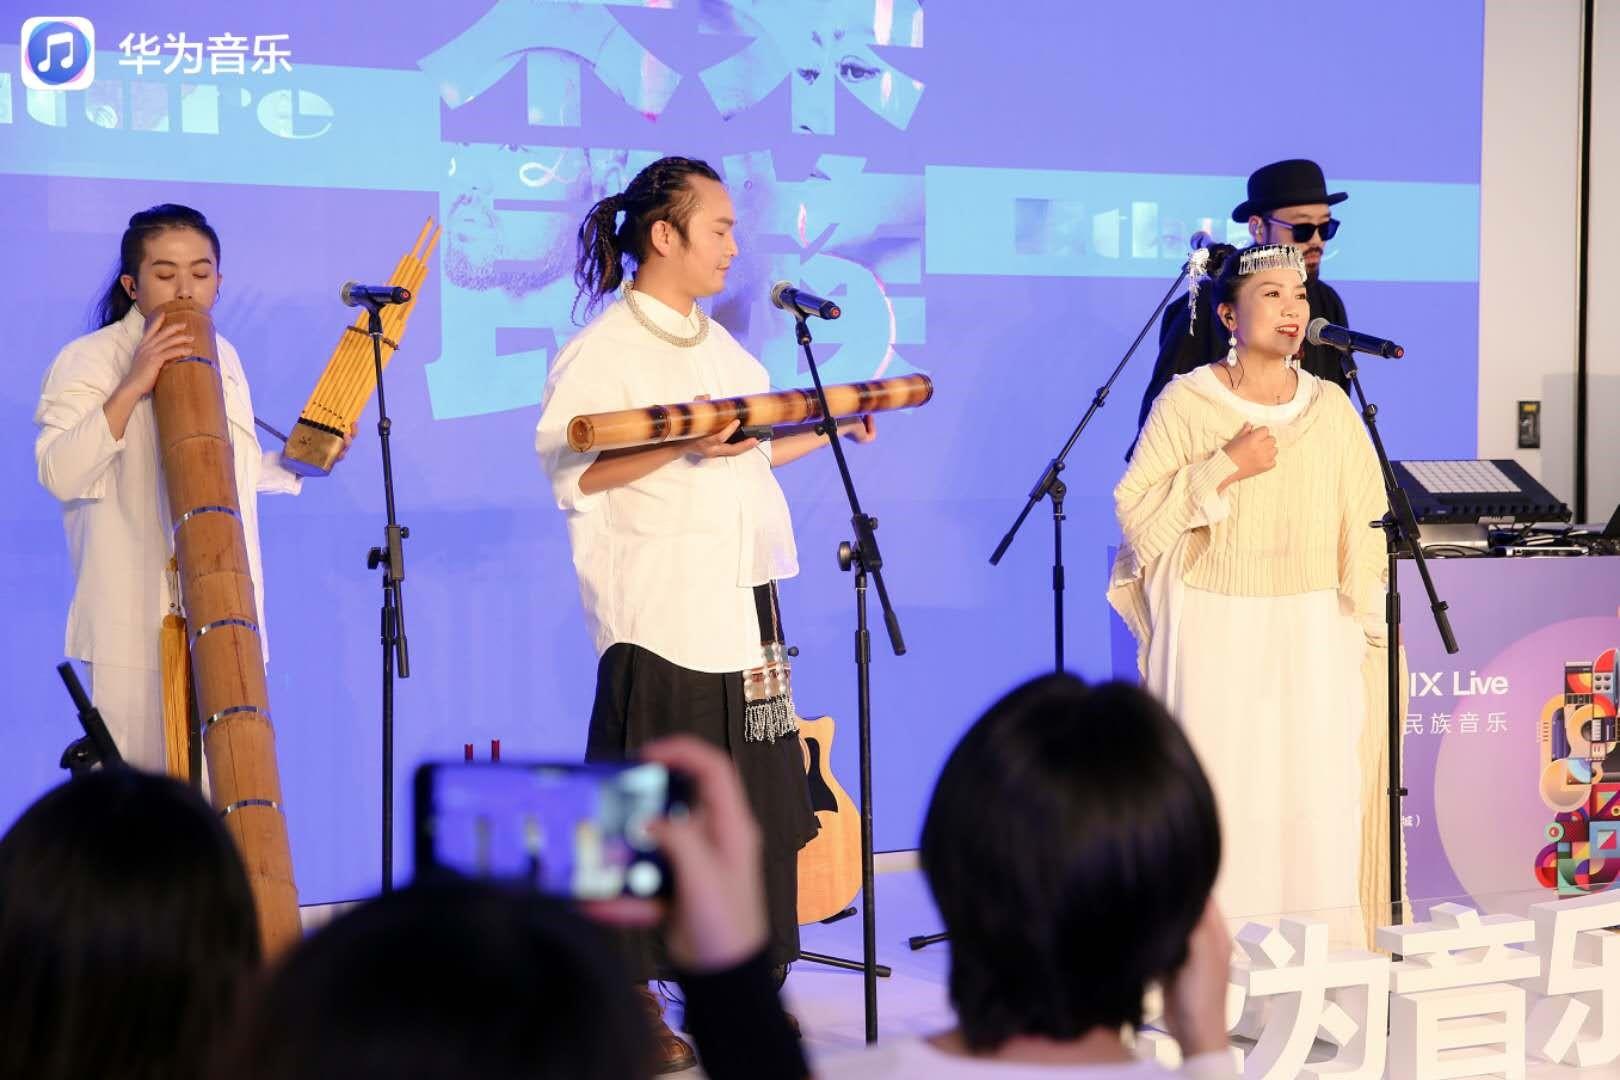 未来民族乐团空降华为音乐·DIGIX Live,演绎新民族音乐魅力